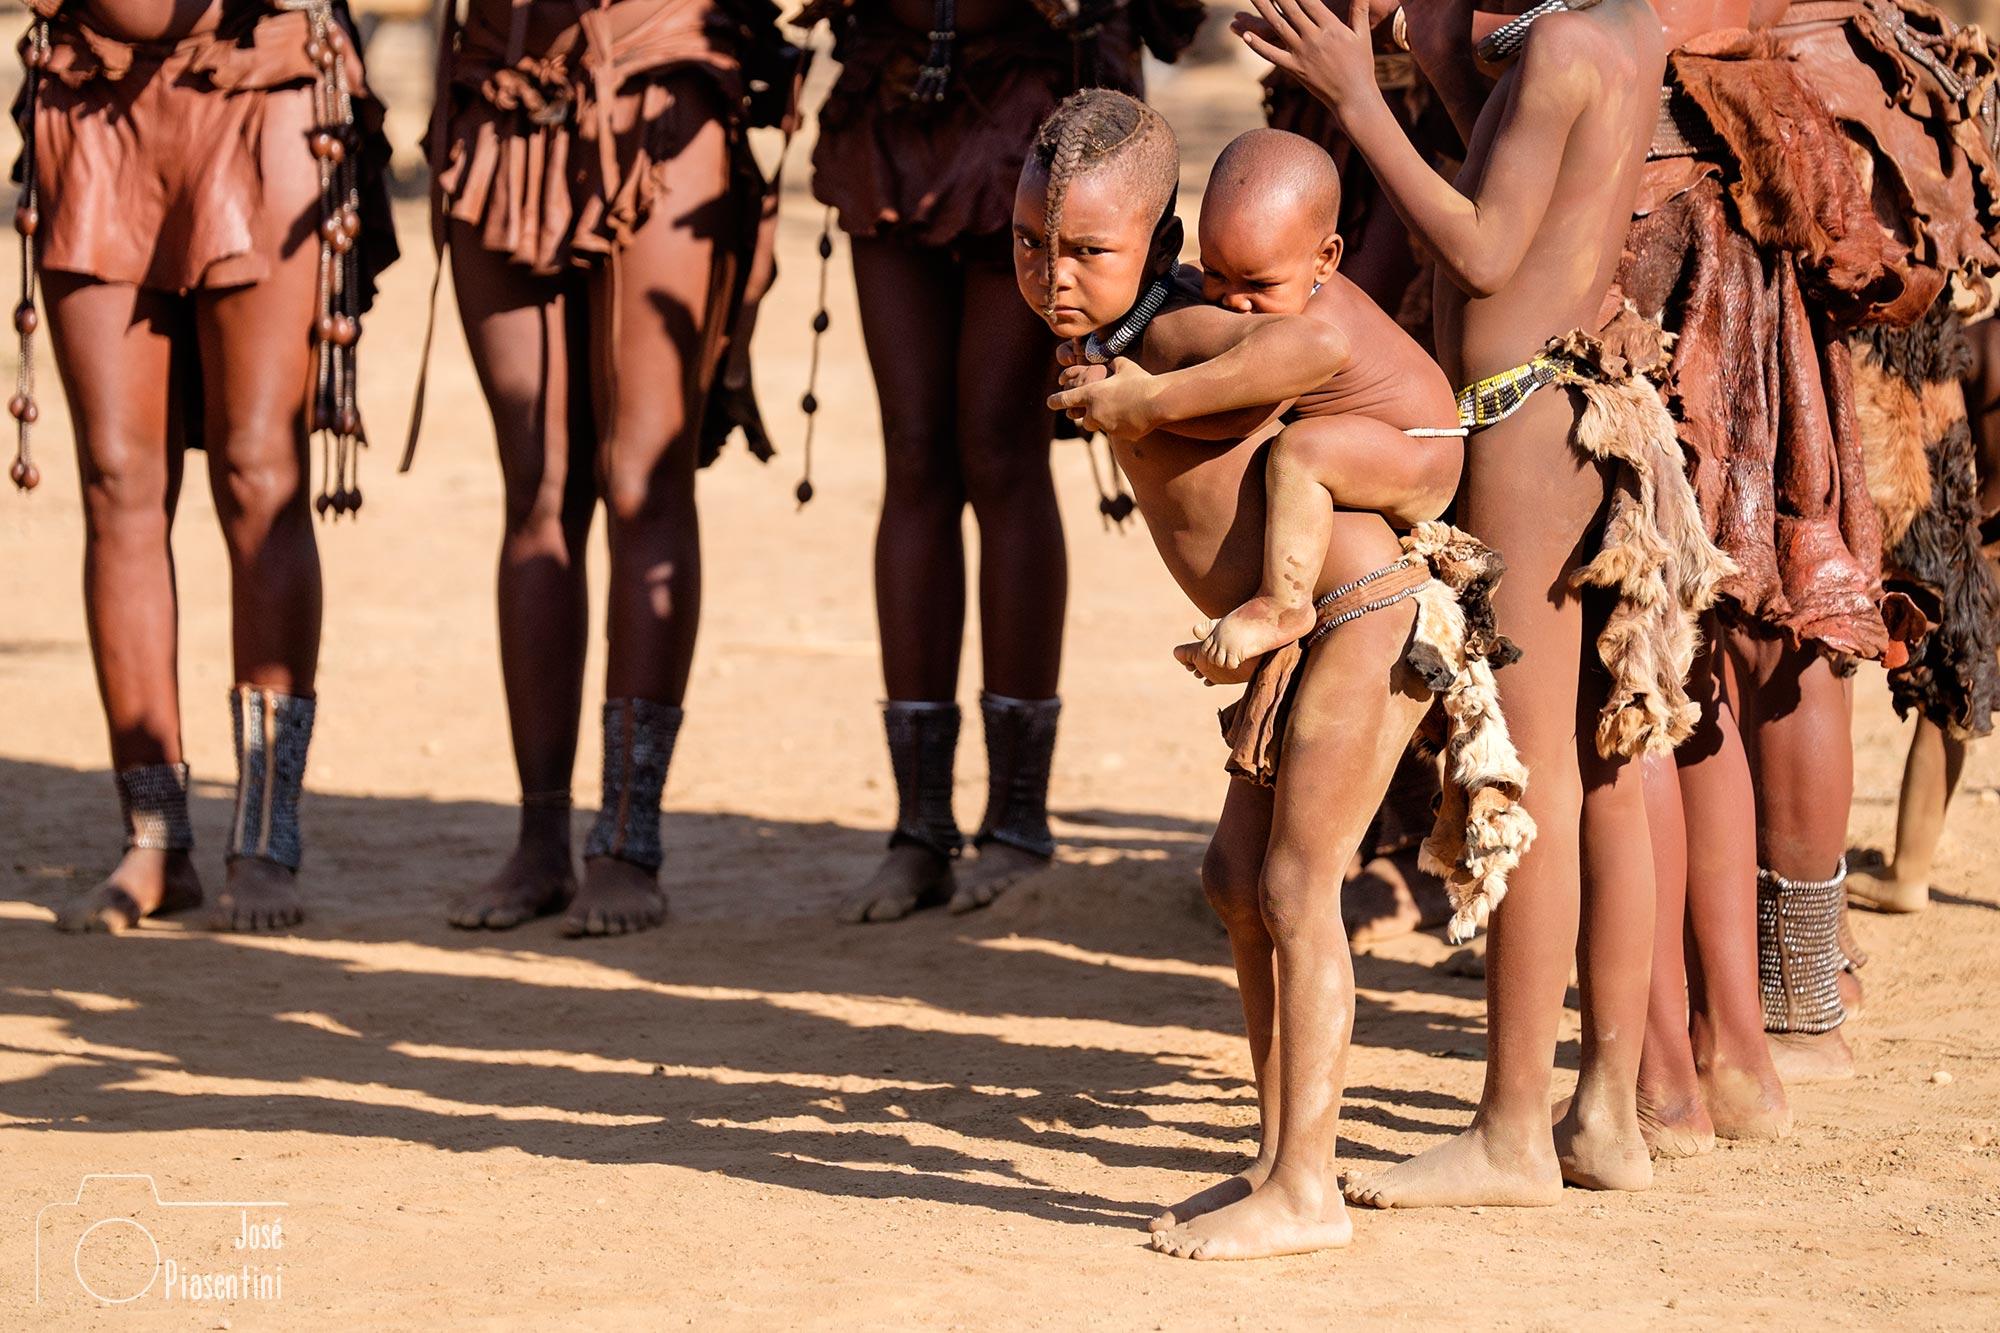 Himba boys - Viajes dandovueltasfotos